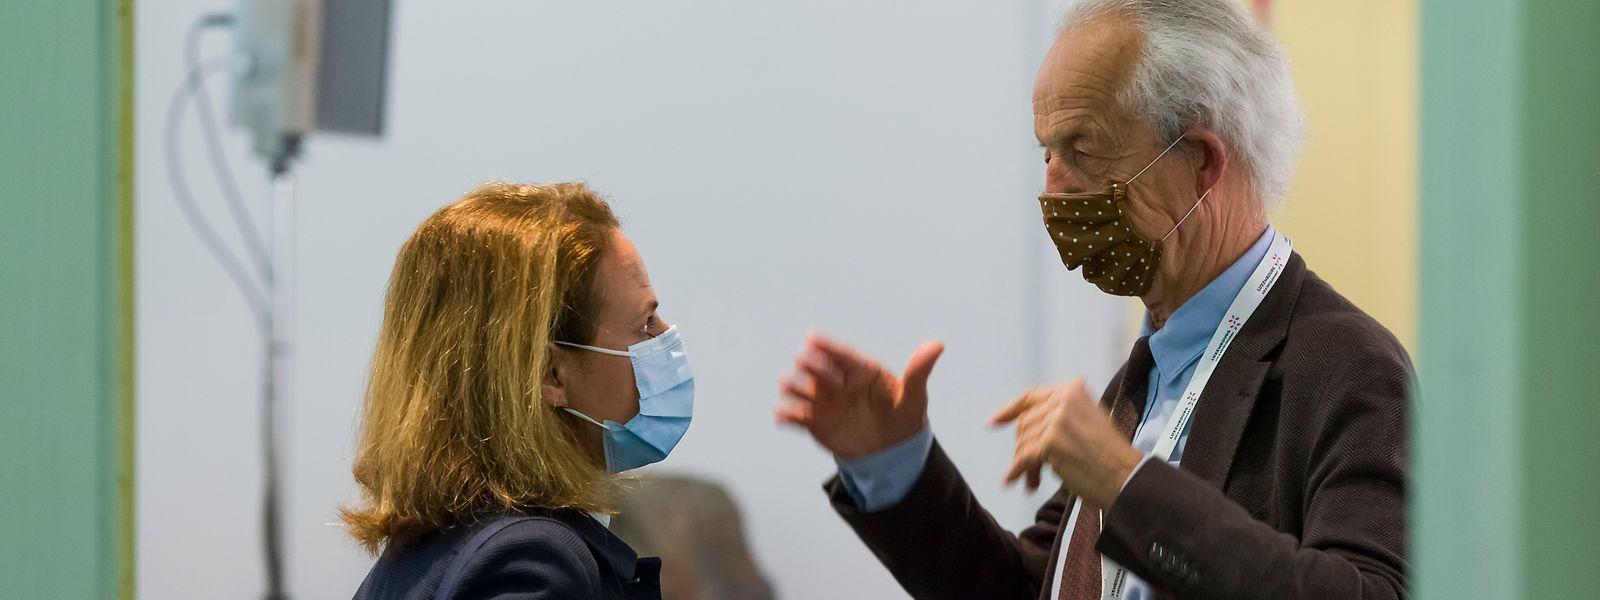 """""""Wir müssen noch mehr dafür sensibilisieren, sich an die gestes barrière zu halten, Distanz zu wahren, auch im Zimmer die Maske anzubehalten"""", meint Cahen, hier mit Copas-Präsident Marc Fischbach, einem """"ganz wichtigen Partner""""."""